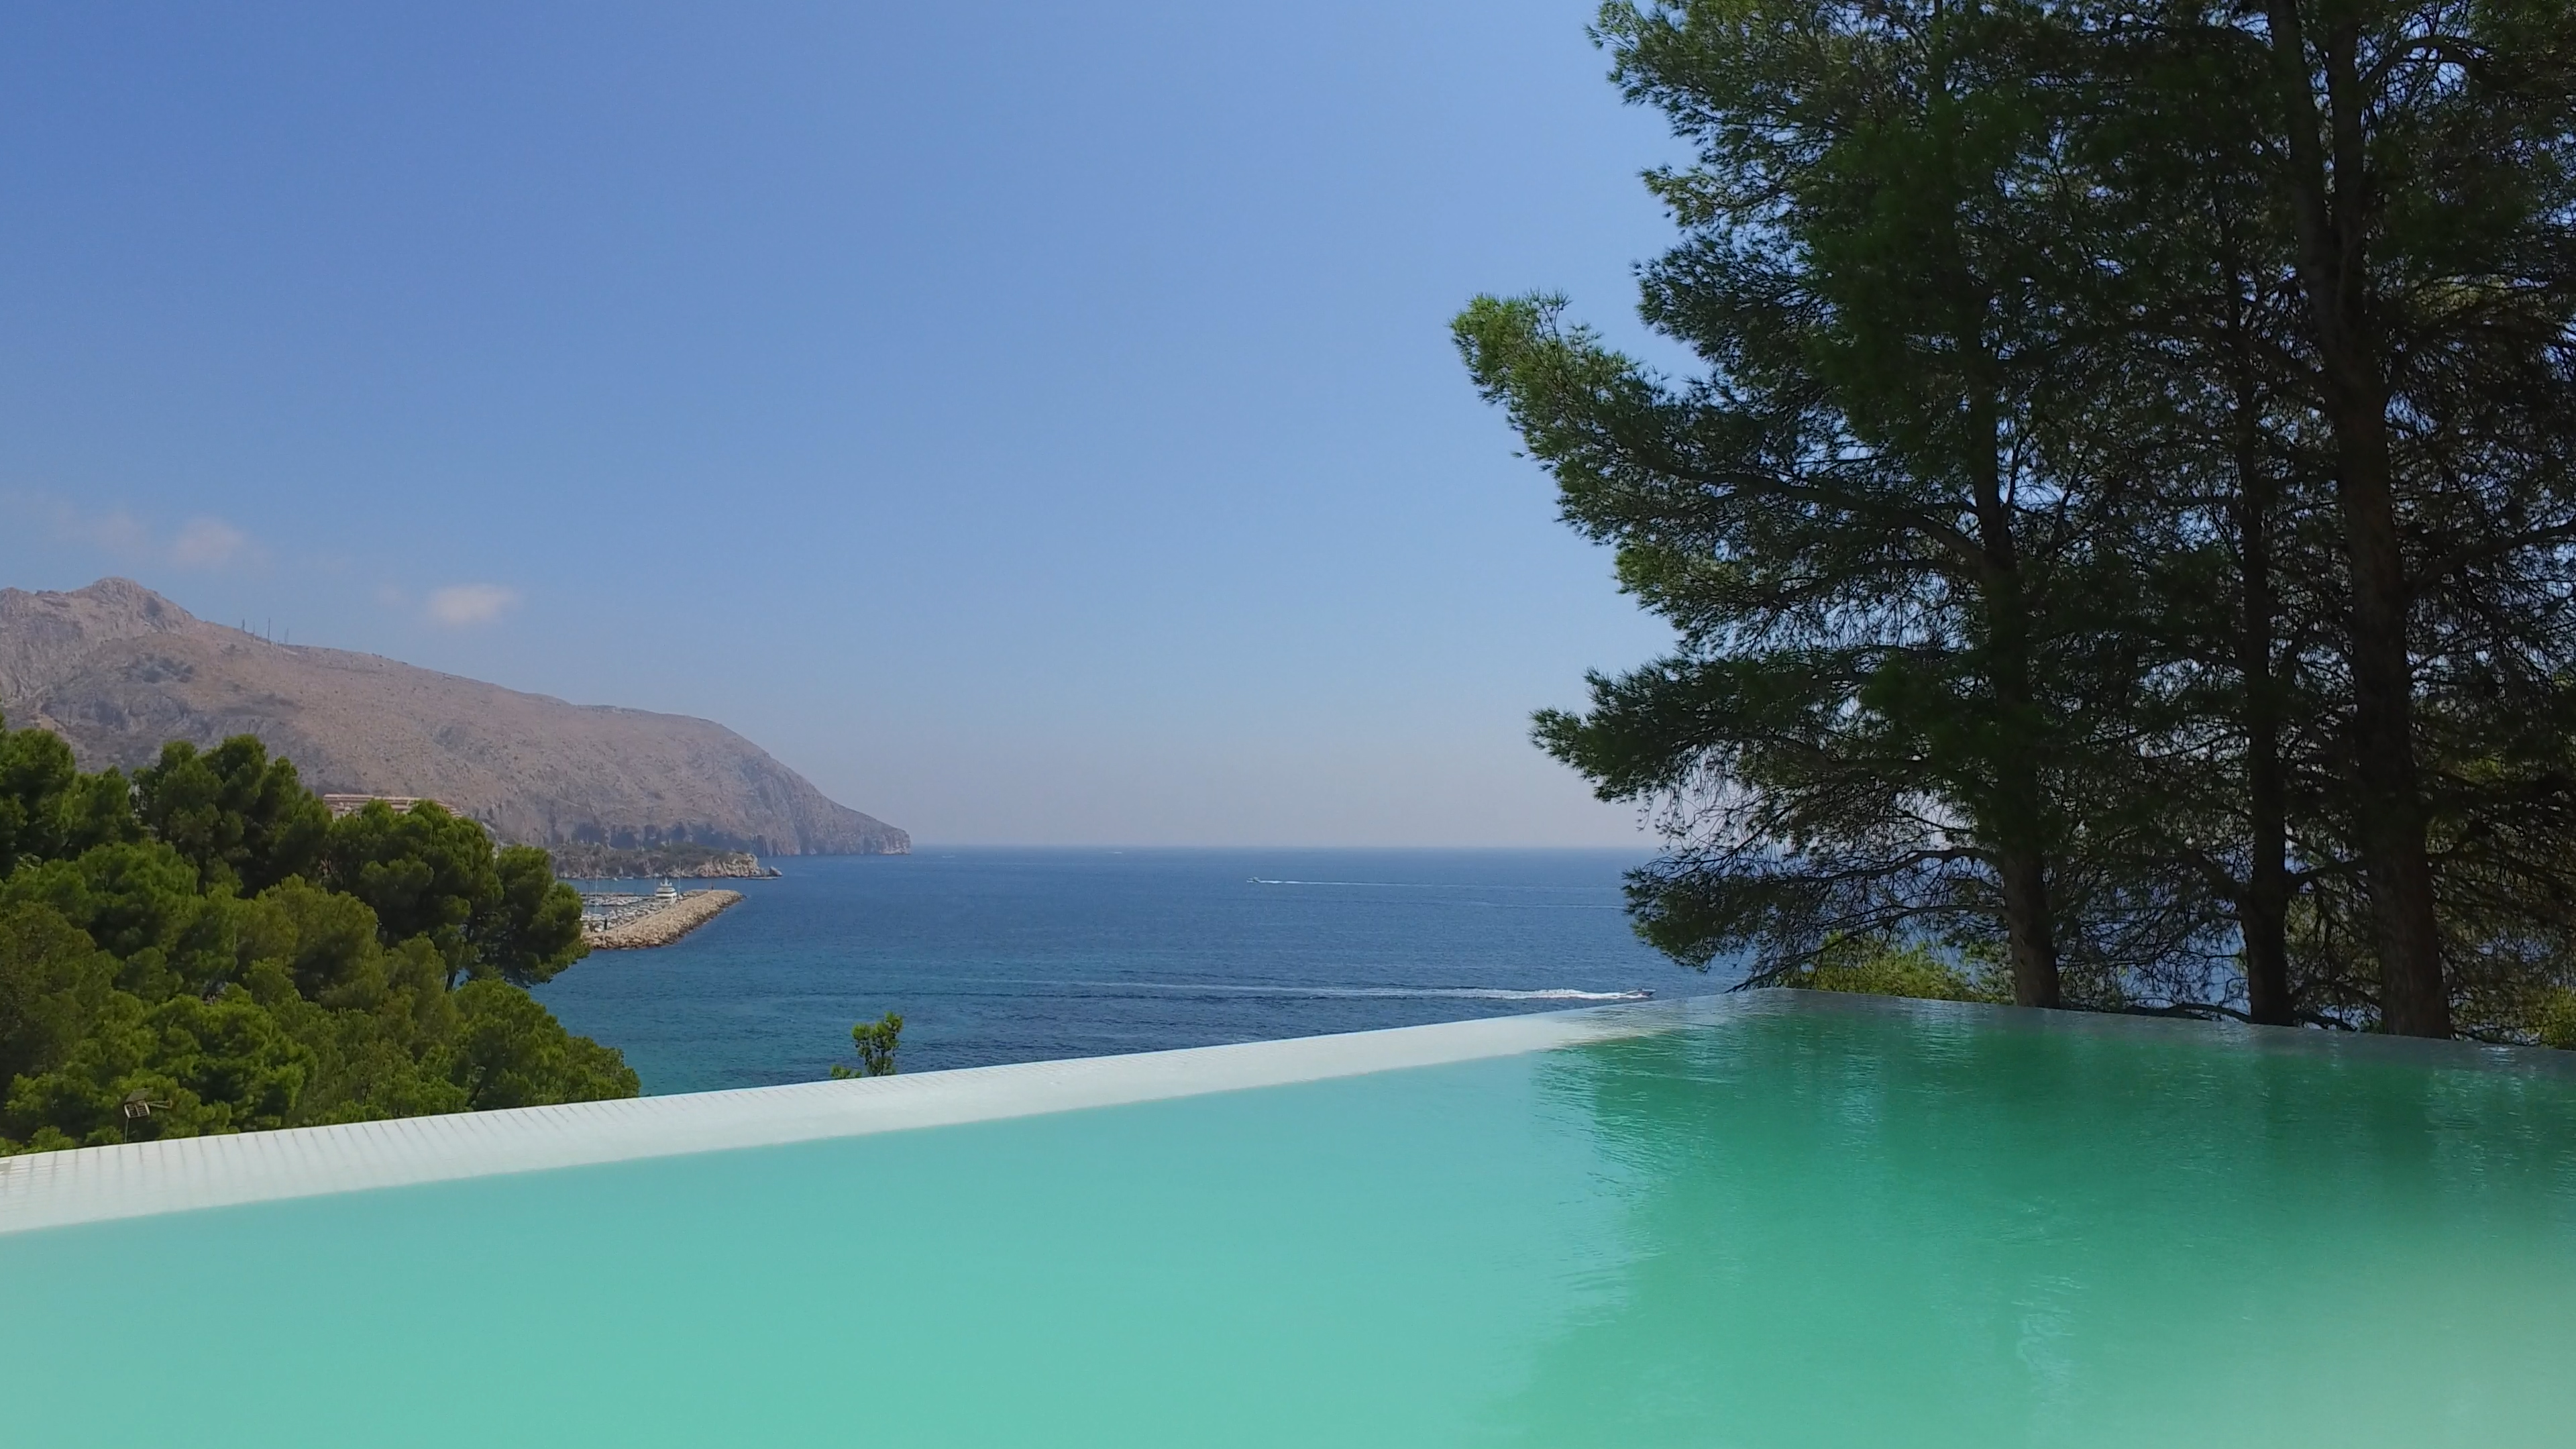 Altea, espectacular villa exclusiva con vistas privilegiadas